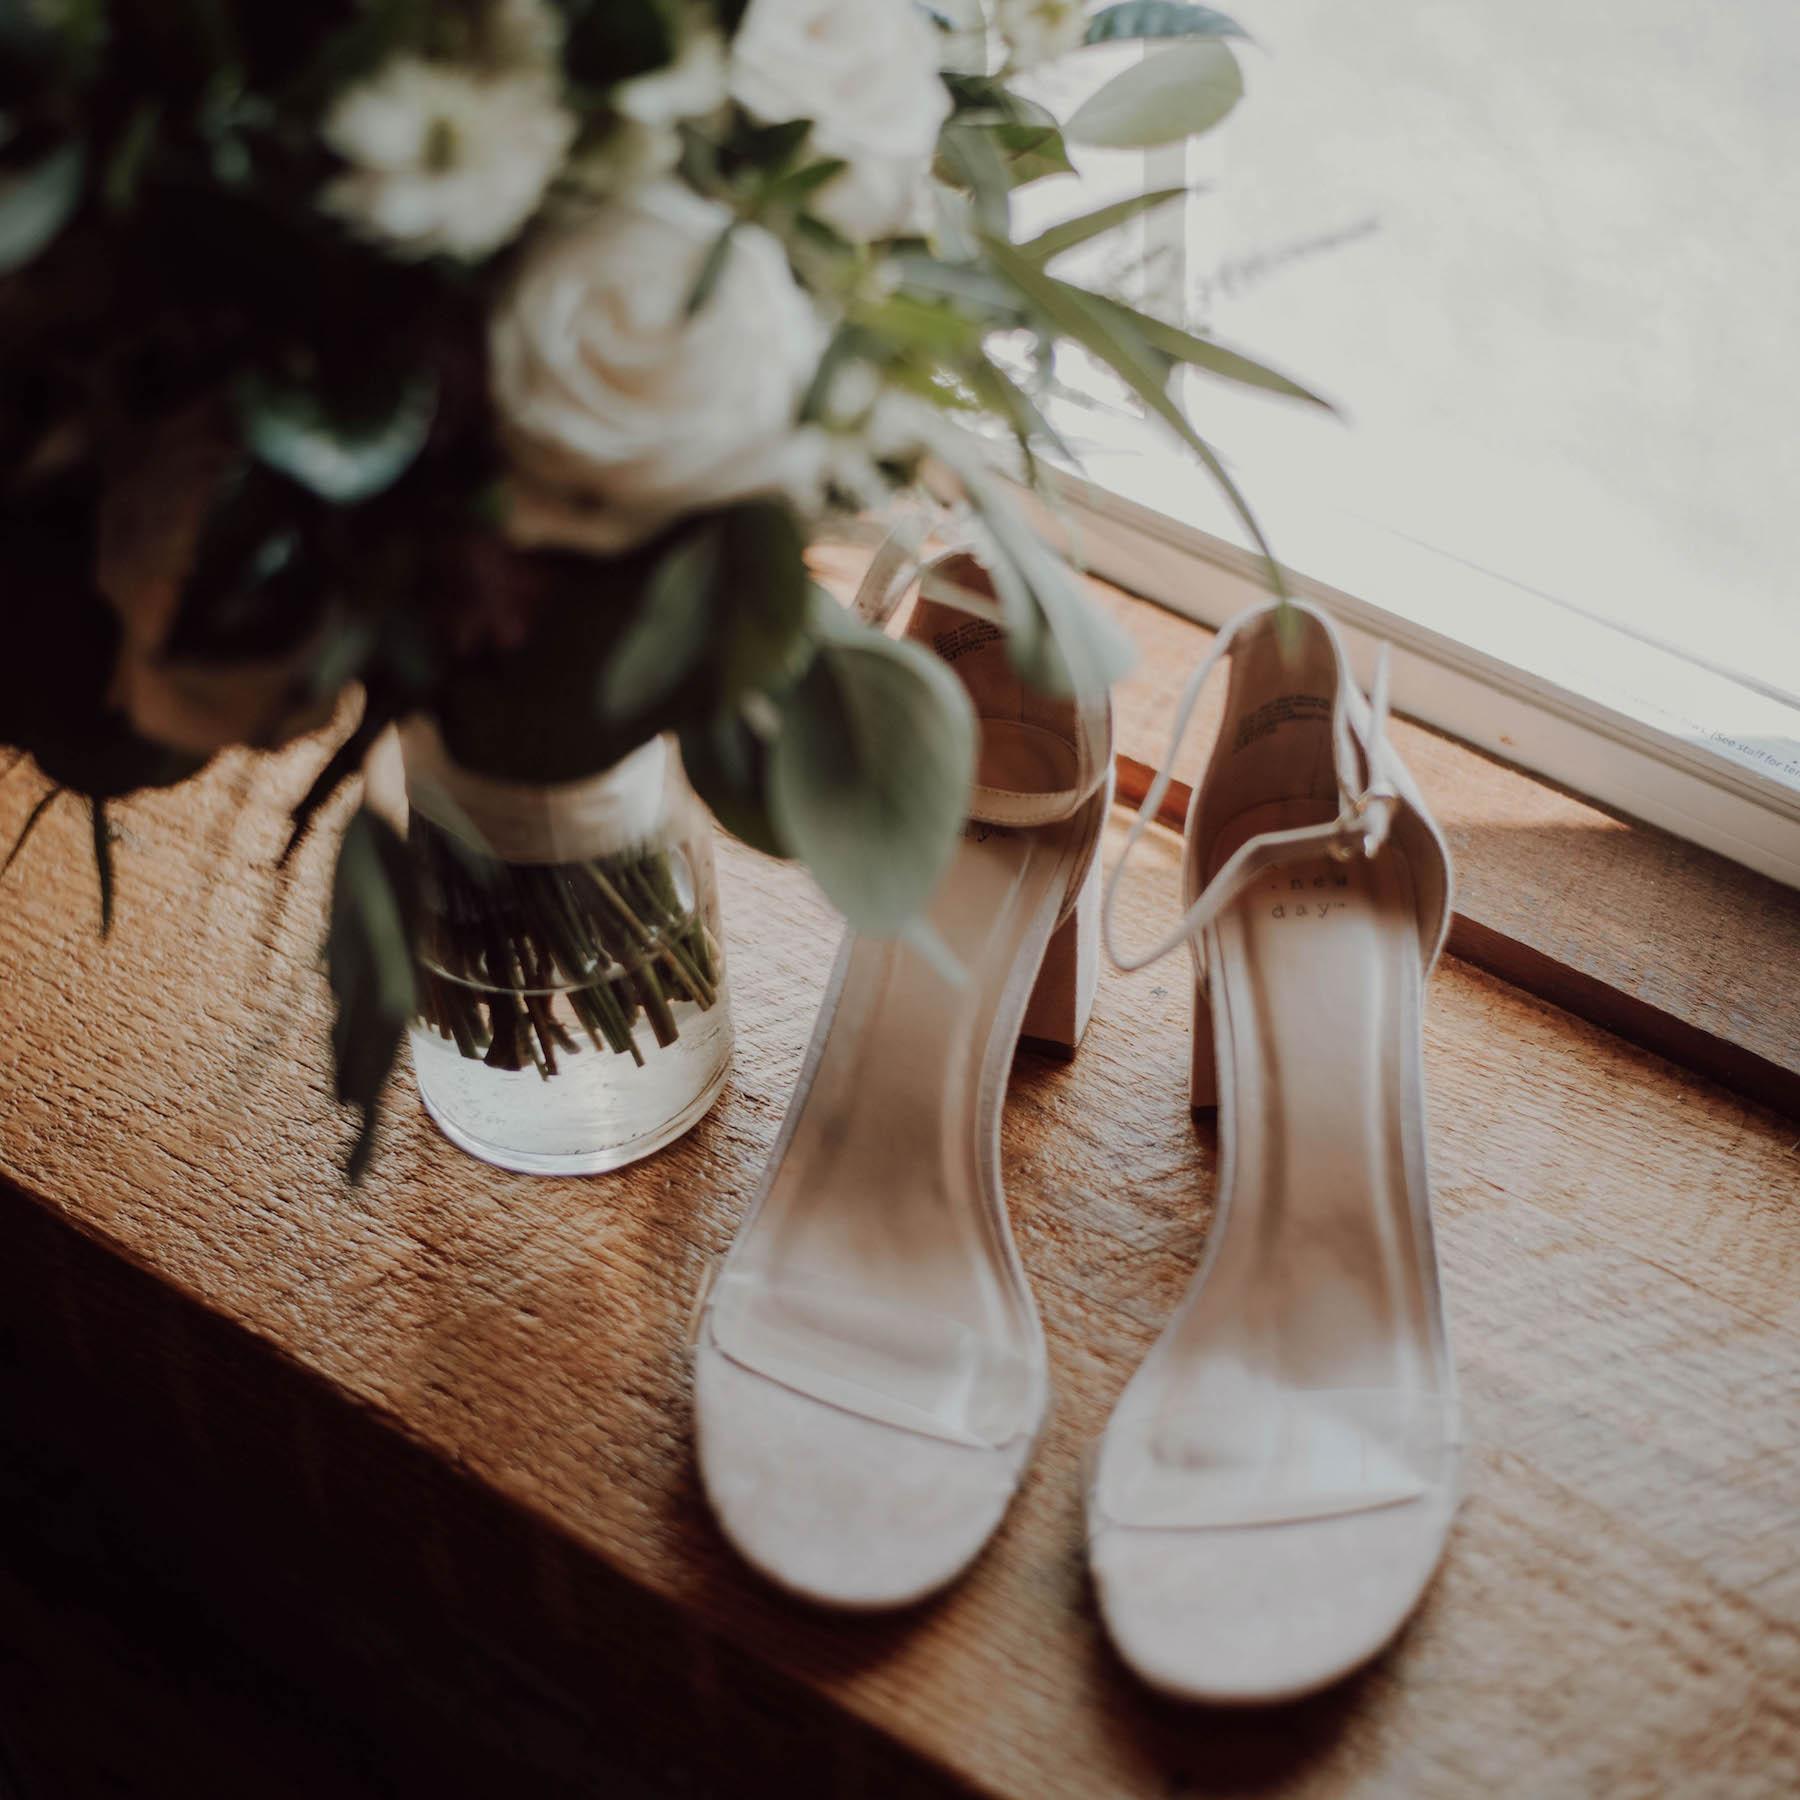 Brautschuhe Schuhe für die Hochzeit suelovesnyc_brautschuhe_schuhe_fur_die_hochzeit_schuhe